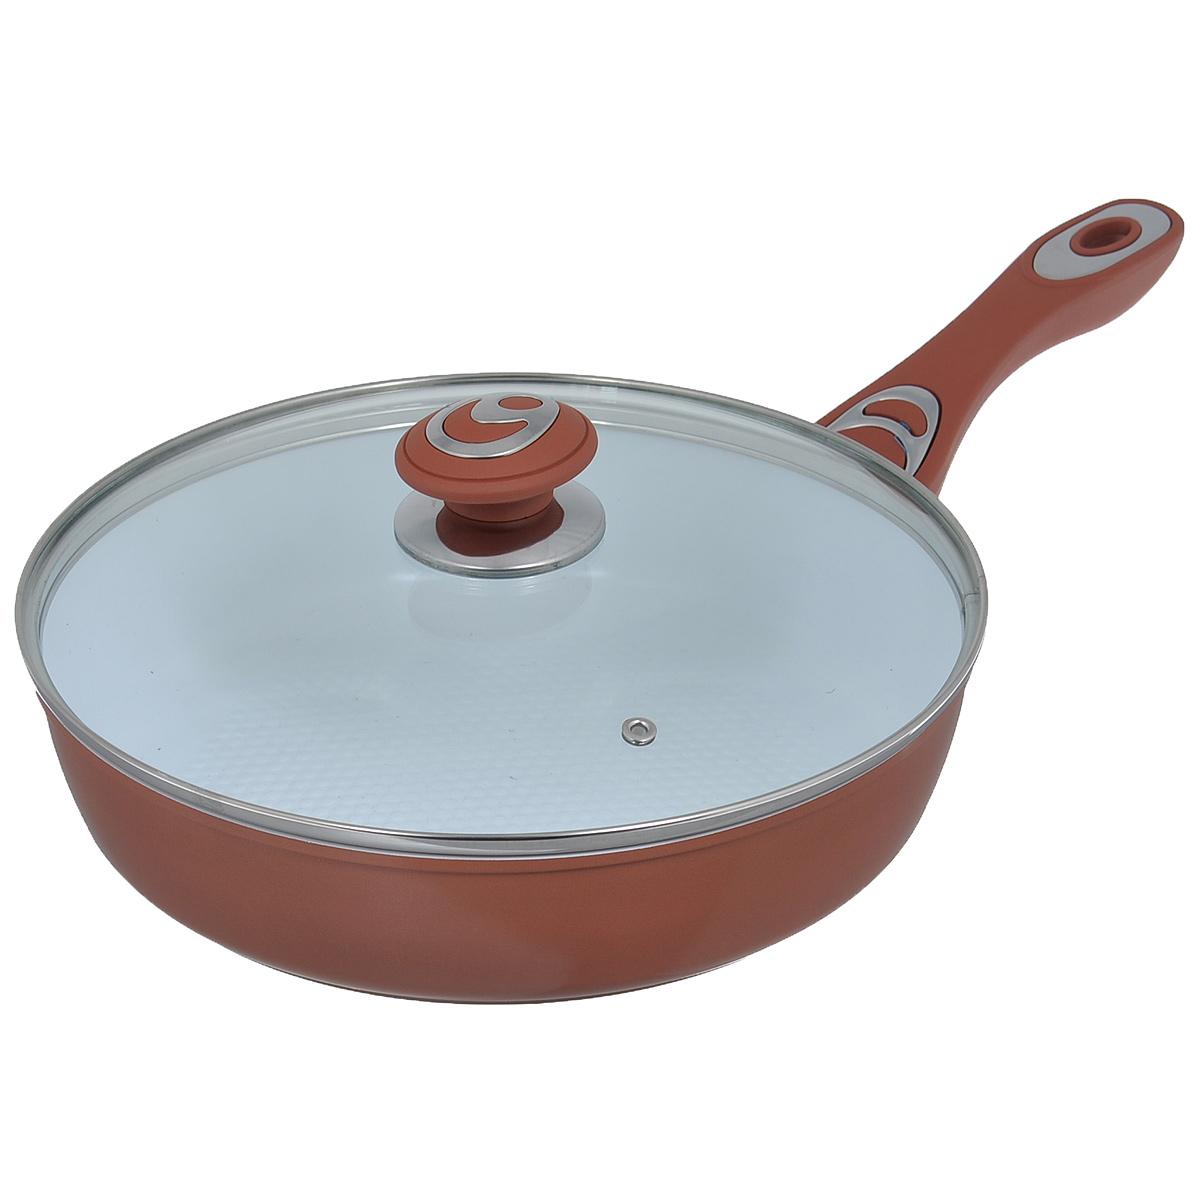 Сковорода Bohmann с крышкой, с керамическим покрытием, цвет: коричневый. Диаметр 26 см. BH - 7516391602Сковорода Bohmann изготовлена из алюминия с износоустойчивым керамическим покрытием. Благодаря керамическому покрытию пища не пригорает и не прилипает к поверхности сковороды, что позволяет готовить с минимальным количеством масла. Кроме того, такое покрытие абсолютно безопасно для здоровья человека, так как не содержит вредной примеси PTFE. Рифленая внутренняя поверхность сковороды в виде сот обеспечивает быстрое и легкое приготовление. Достоинства керамического покрытия: - устойчивость к высоким температурам и резким перепадам температур, - устойчивость к царапающим кухонным принадлежностям и абразивным моющим средствам, - устойчивость к коррозии, - водоотталкивающий эффект, - покрытие способствует испарению воды во время готовки, - длительный срок службы, - безопасность для окружающей среды и человека. Внешнее покрытие - жаростойкий лак, который сохраняет цвет долгое время и обладает жироотталкивающими свойствами. Сковорода быстро разогревается, распределяя тепло по всей поверхности, что позволяет готовить в энергосберегающем режиме, значительно сокращая время, проведенное у плиты. Сковорода оснащена удобной ручкой, выполненной из бакелита с прорезиненным покрытием. Такая ручка не нагревается в процессе готовки и обеспечивает надежный хват. Крышка изготовлена из жаропрочного стекла, оснащена ручкой, отверстием для выпуска пара и металлическим ободом. Благодаря такой крышке можно следить за приготовлением пищи без потери тепла. Можно готовить на газовых, электрических, стеклокерамических, галогенных, индукционных плитах. Подходит для чистки в посудомоечной машине.